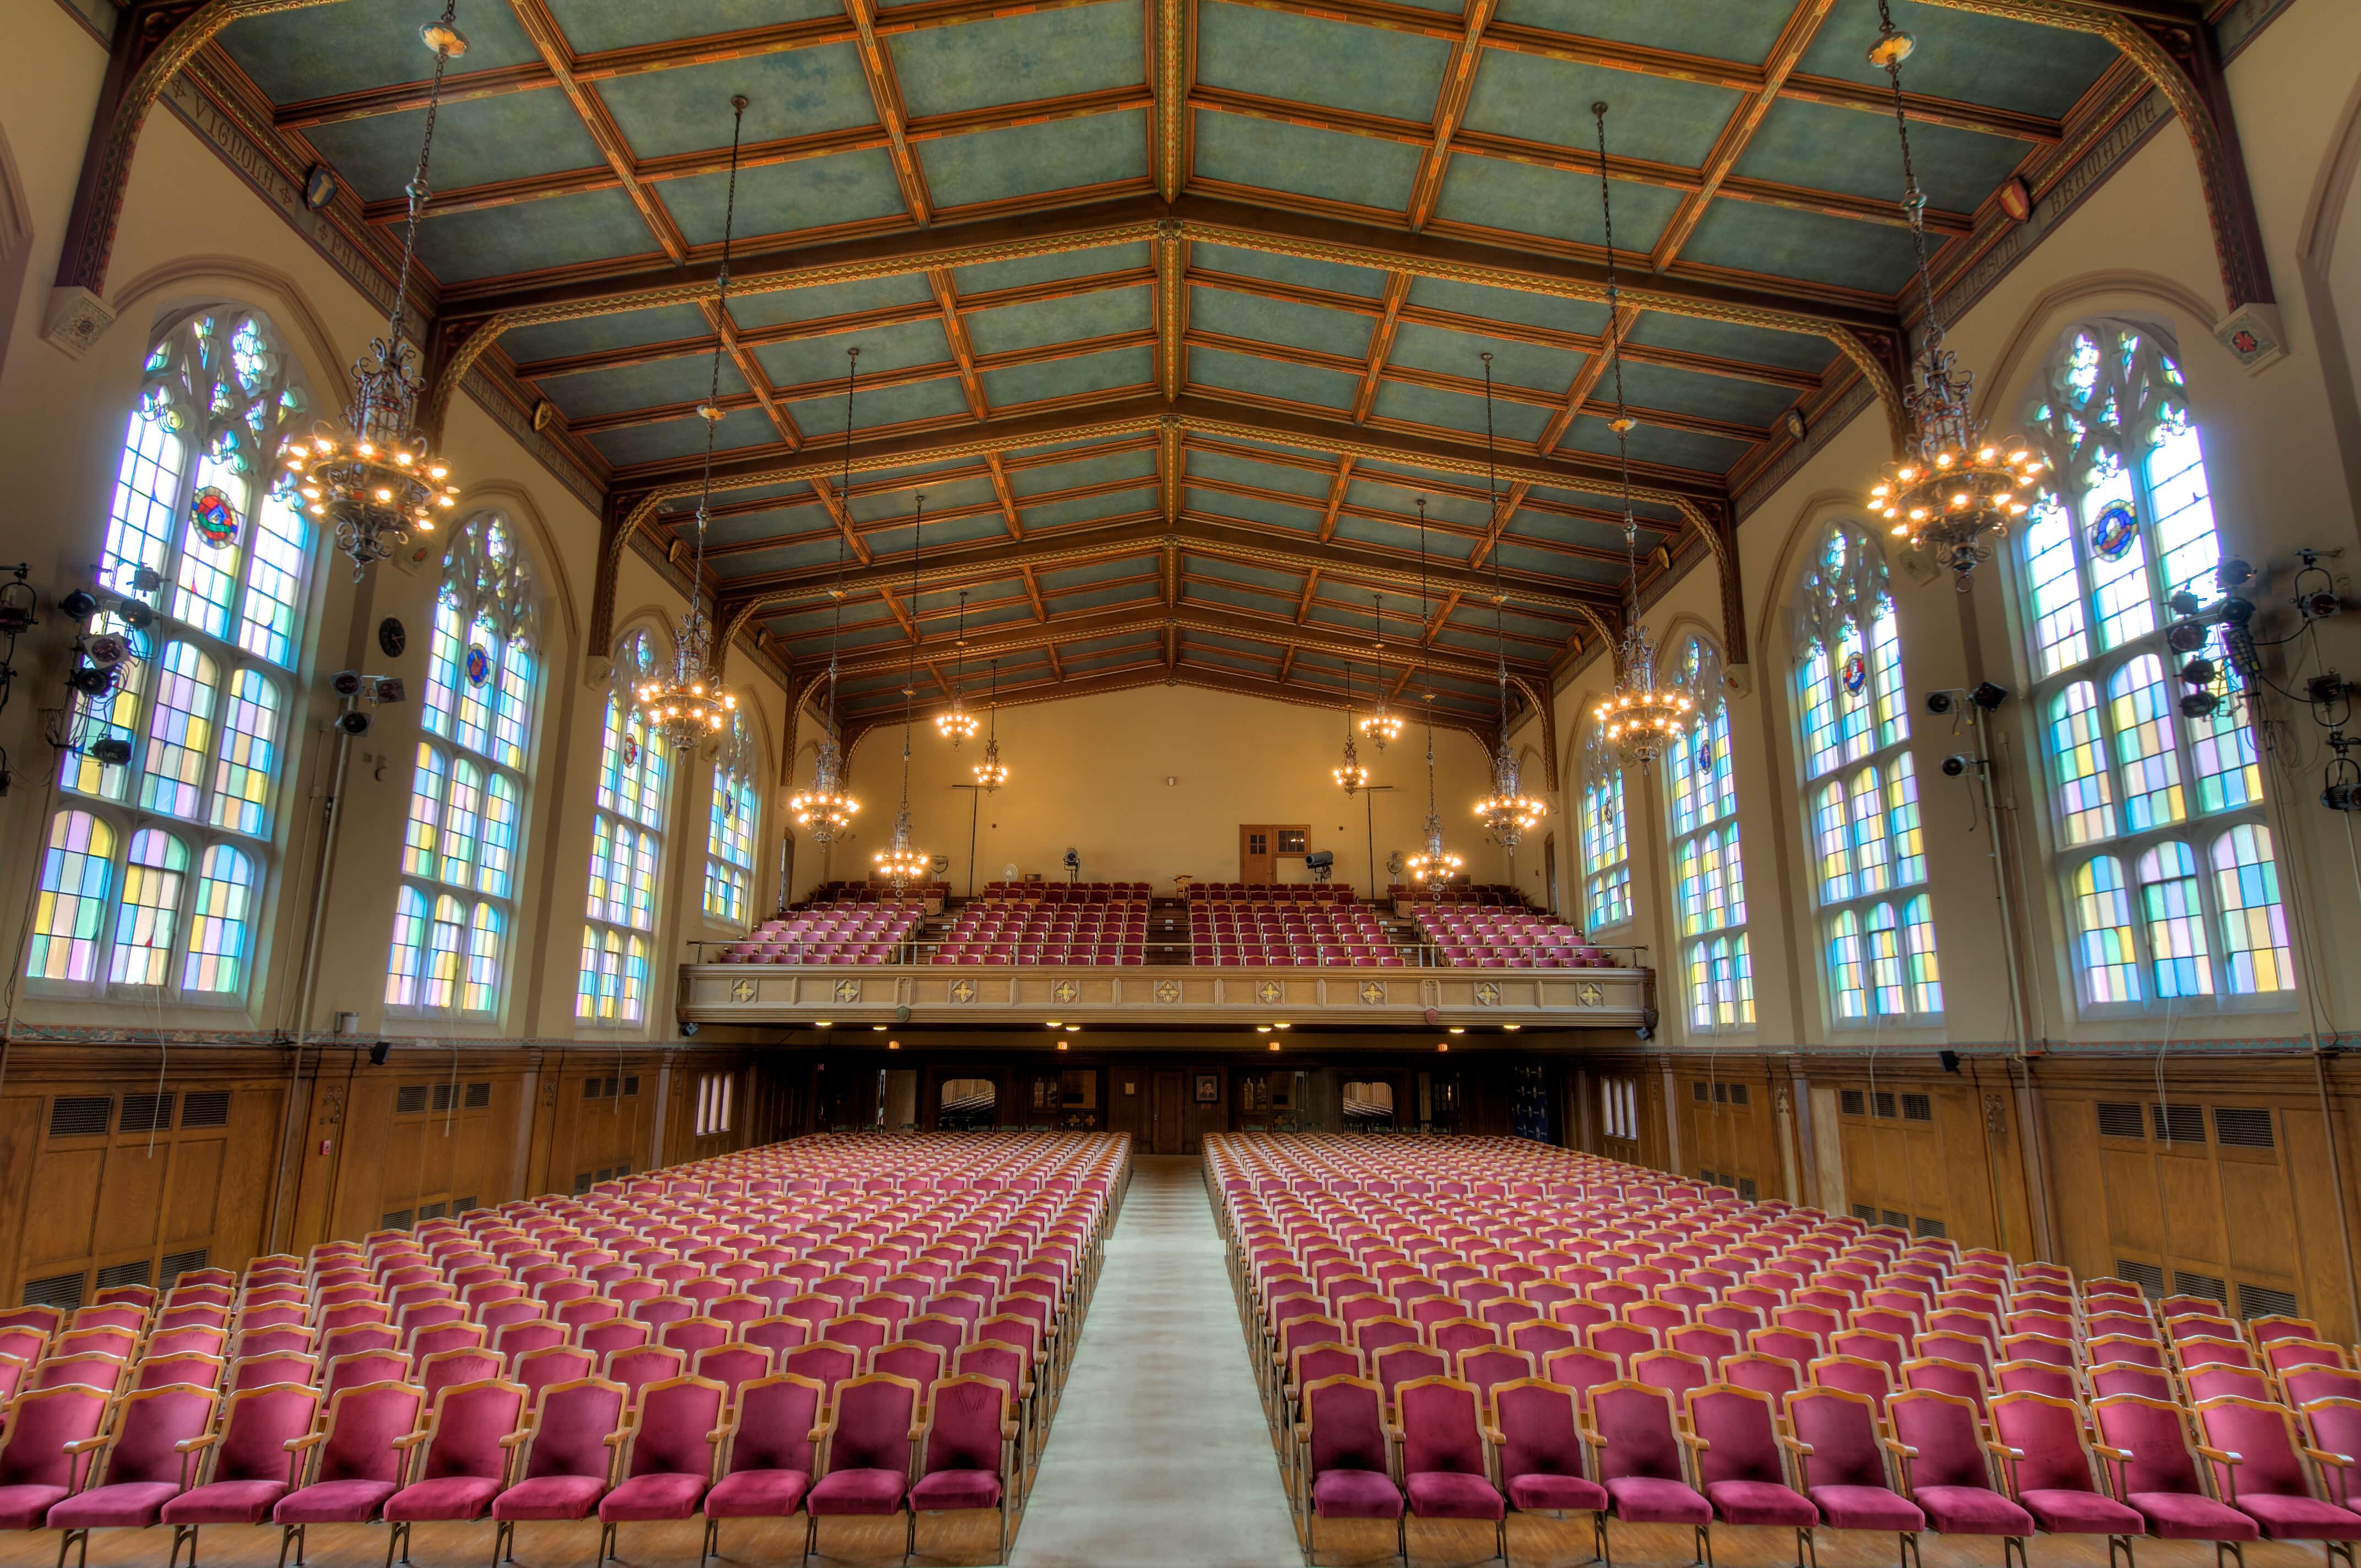 Photo of Veritas Auditorium in Berchmans Hall